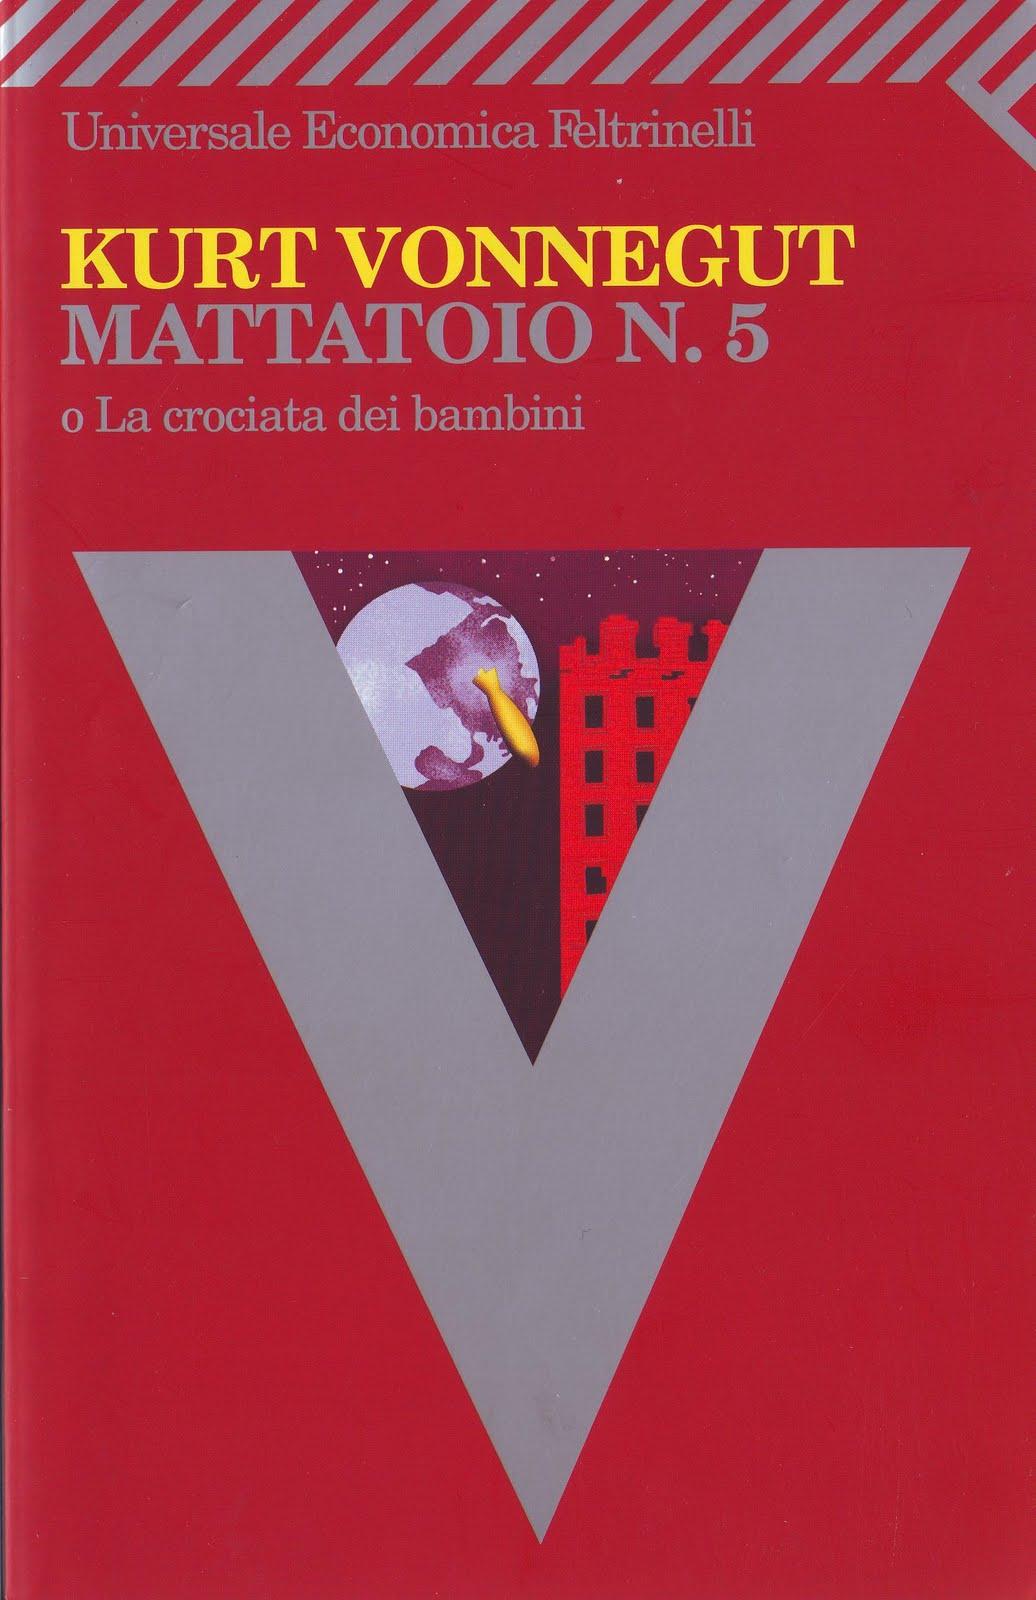 Kurt Vonnegut, Mattatoio n. 5, Feltrinelli